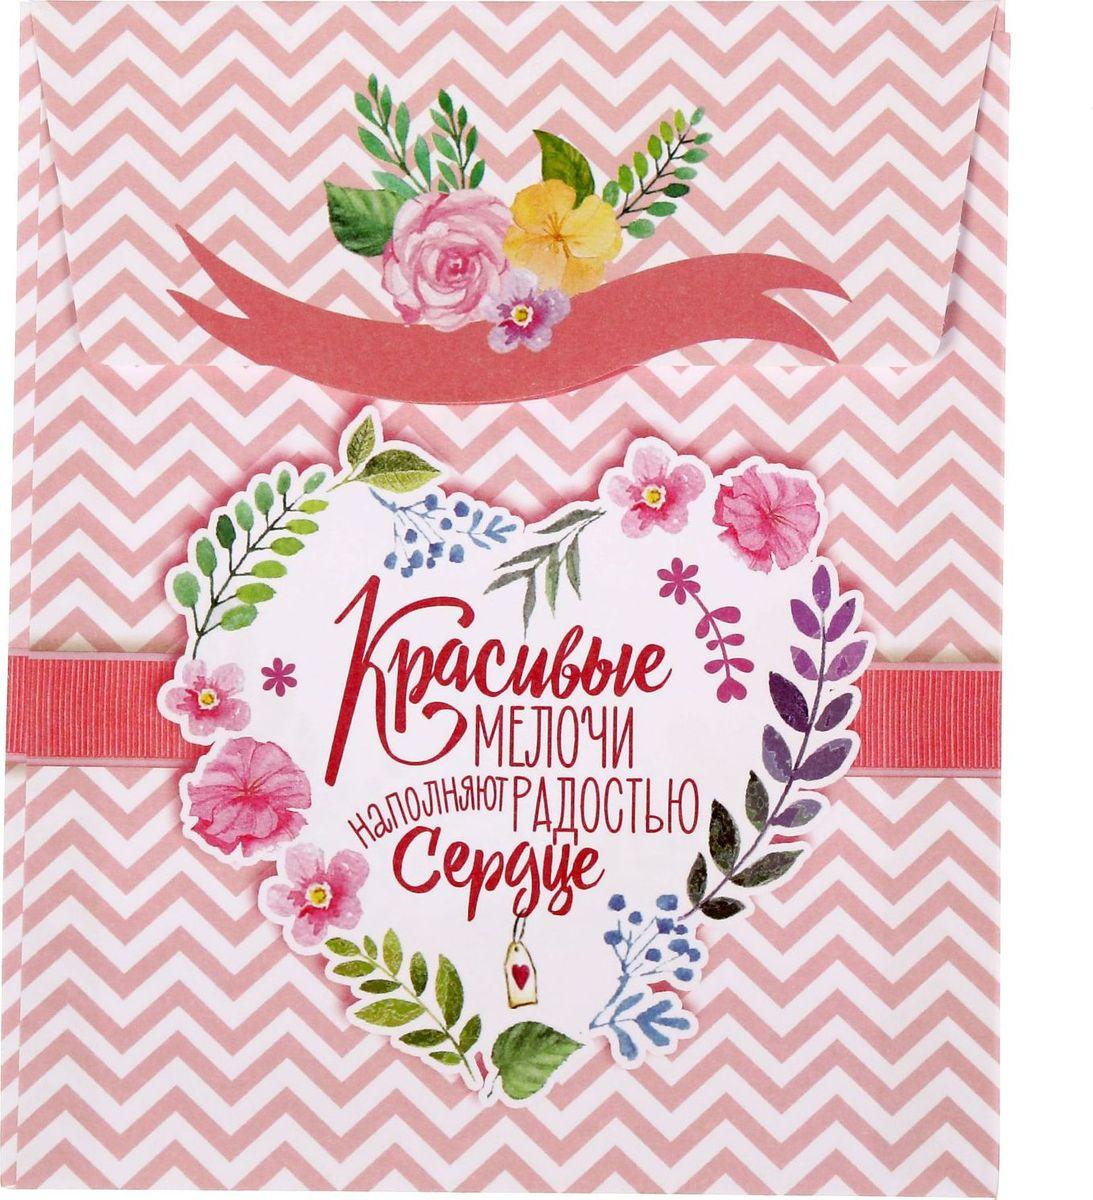 Конверт декоративный Красивые мелочи, 13 х 15,5 см1348737Чудесный бумажный конвертик Красивые мелочи подойдёт для упаковки небольшого подарка или сувенира. Он послужит прекрасным оформлением для сладостей, чая, кофе или бижутерии. На нём есть место для тёплых слов и пожеланий, имени адресата или отправителя.